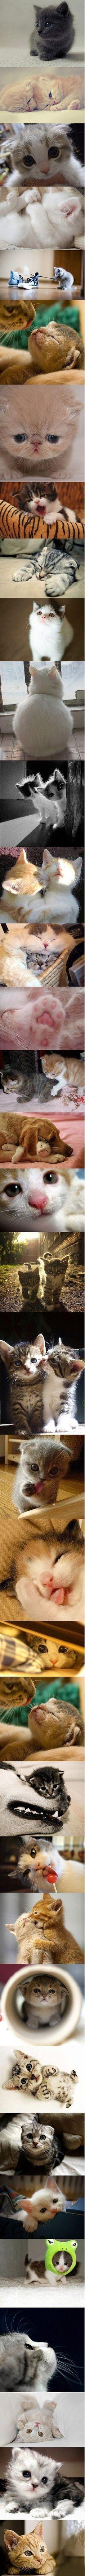 Que ternura de gatitos